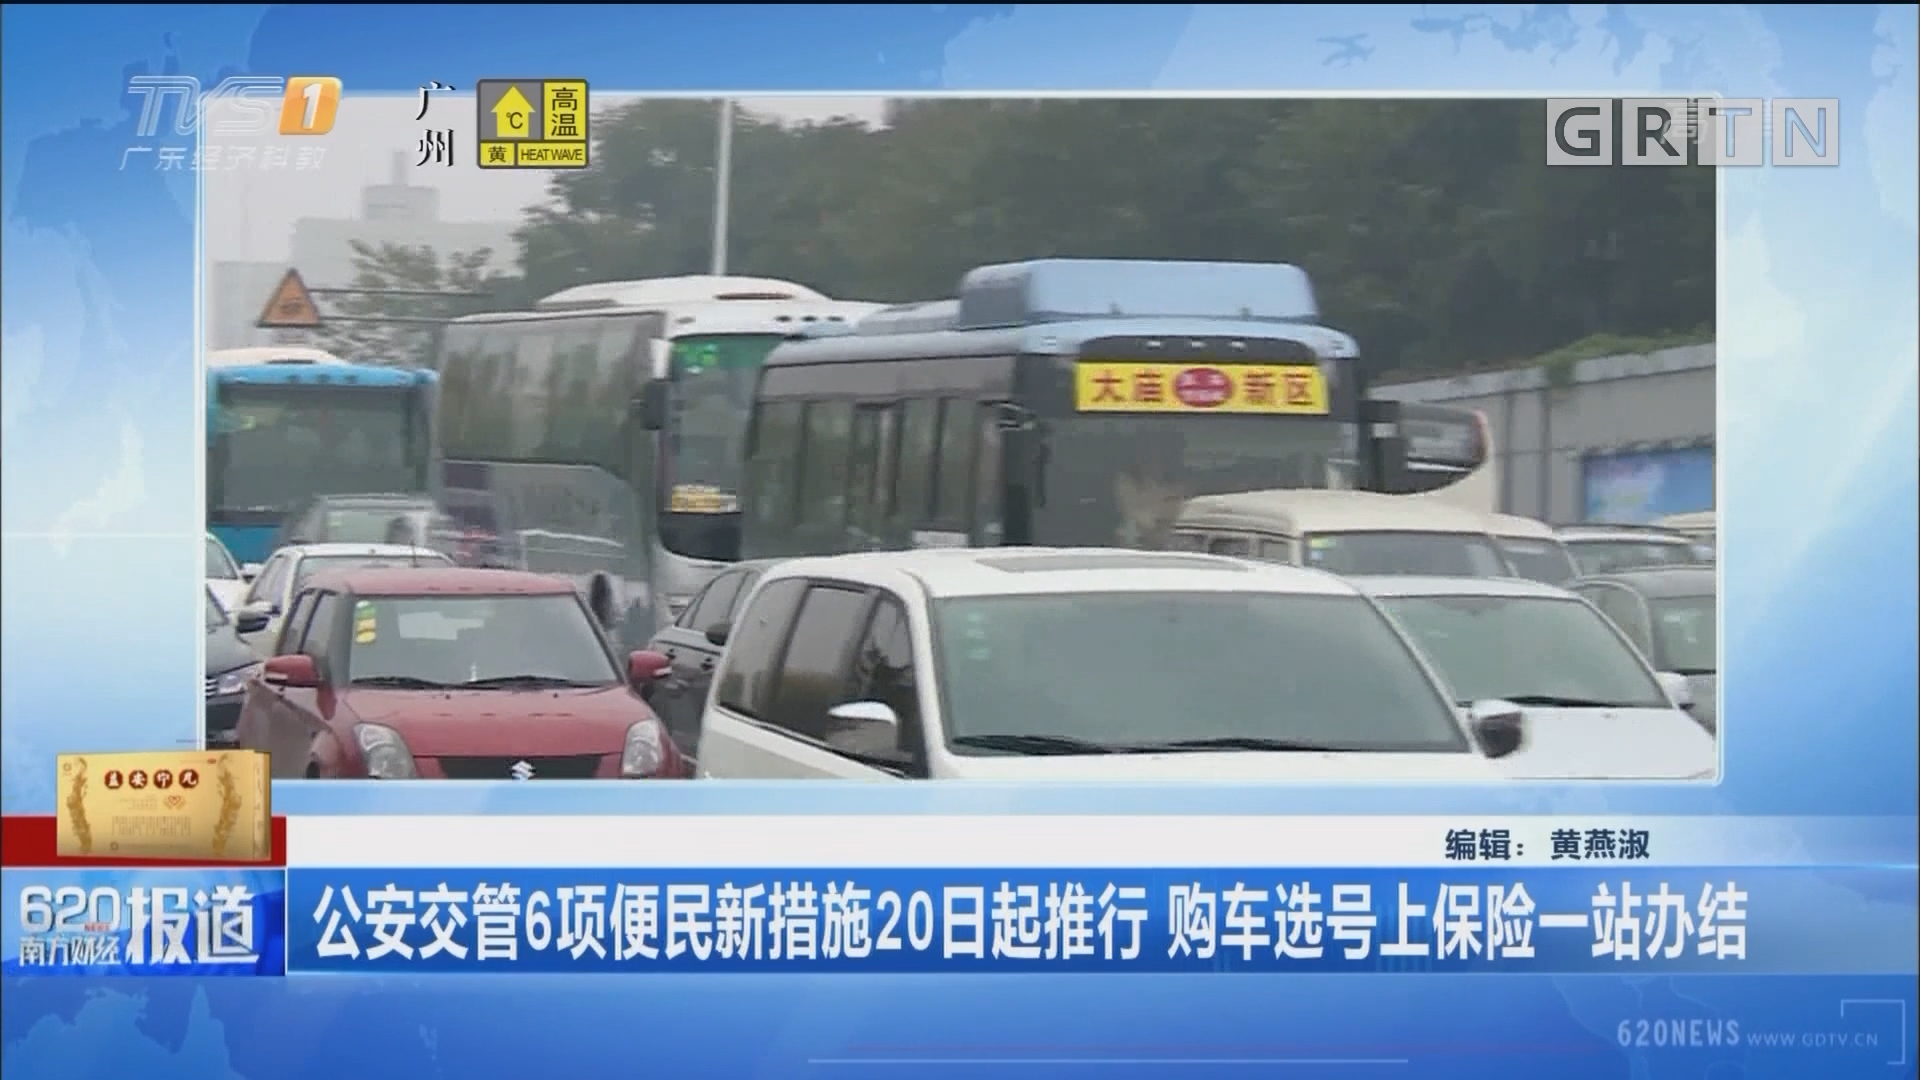 公安交管6项便民新措施20日起推行 购车选号上保险一站办结